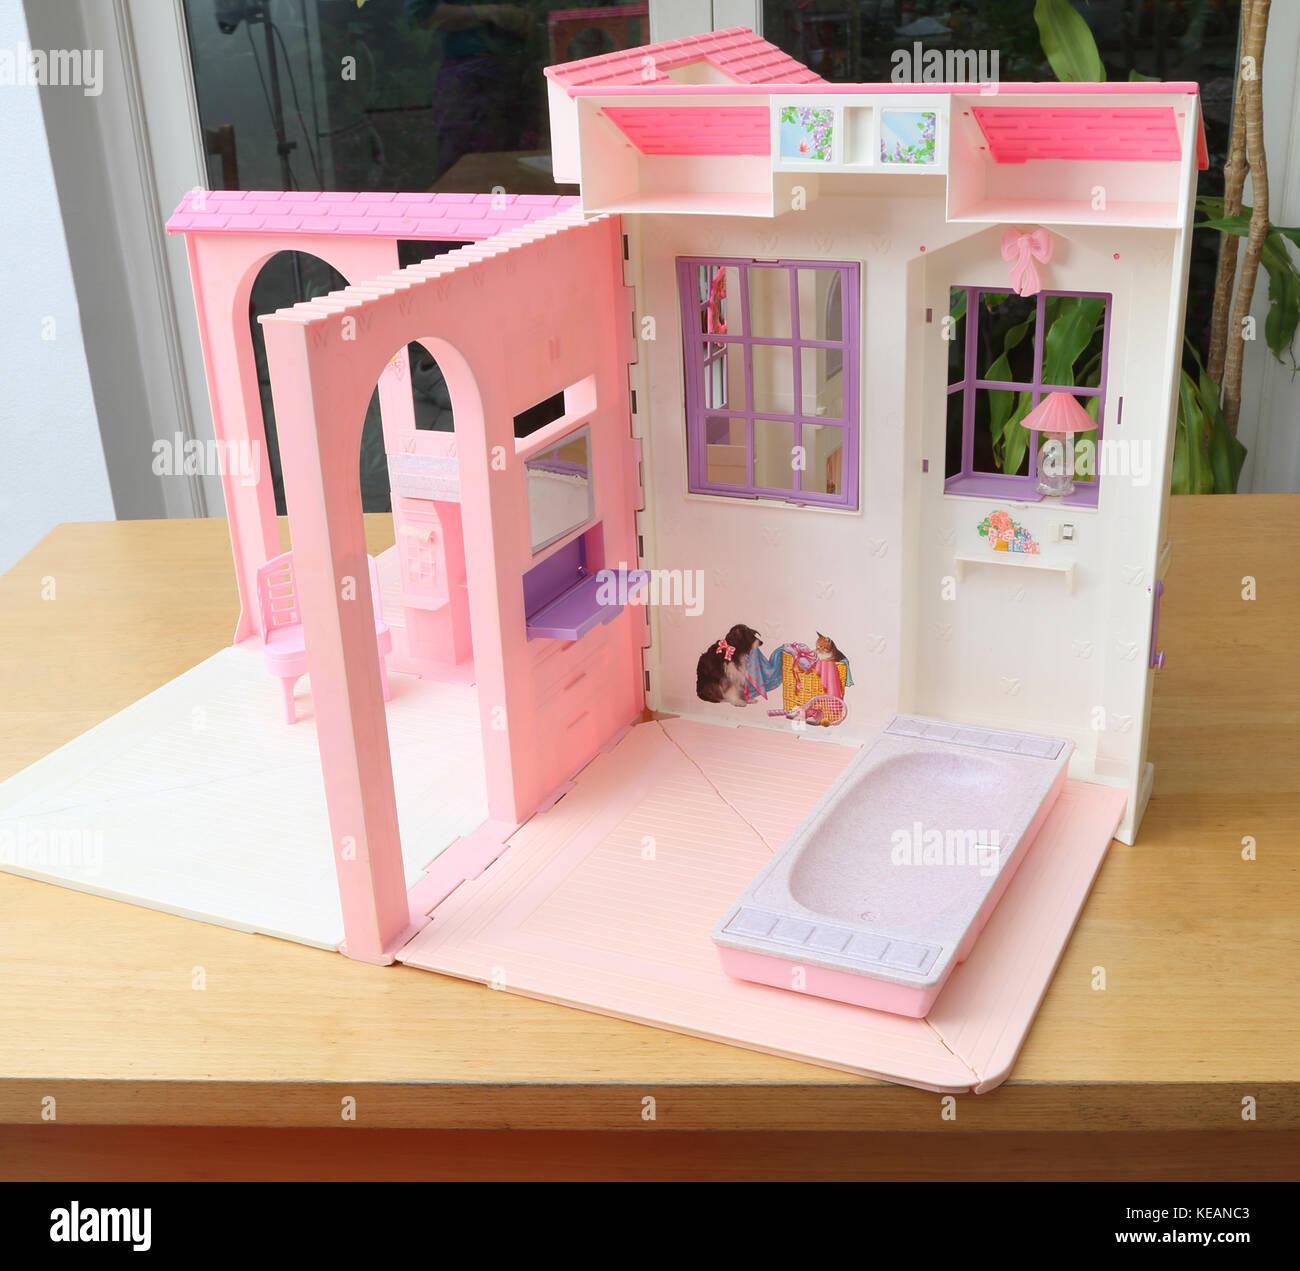 Barbie vintage 1996 Jolie maison pliage montrant salle de bains et ...